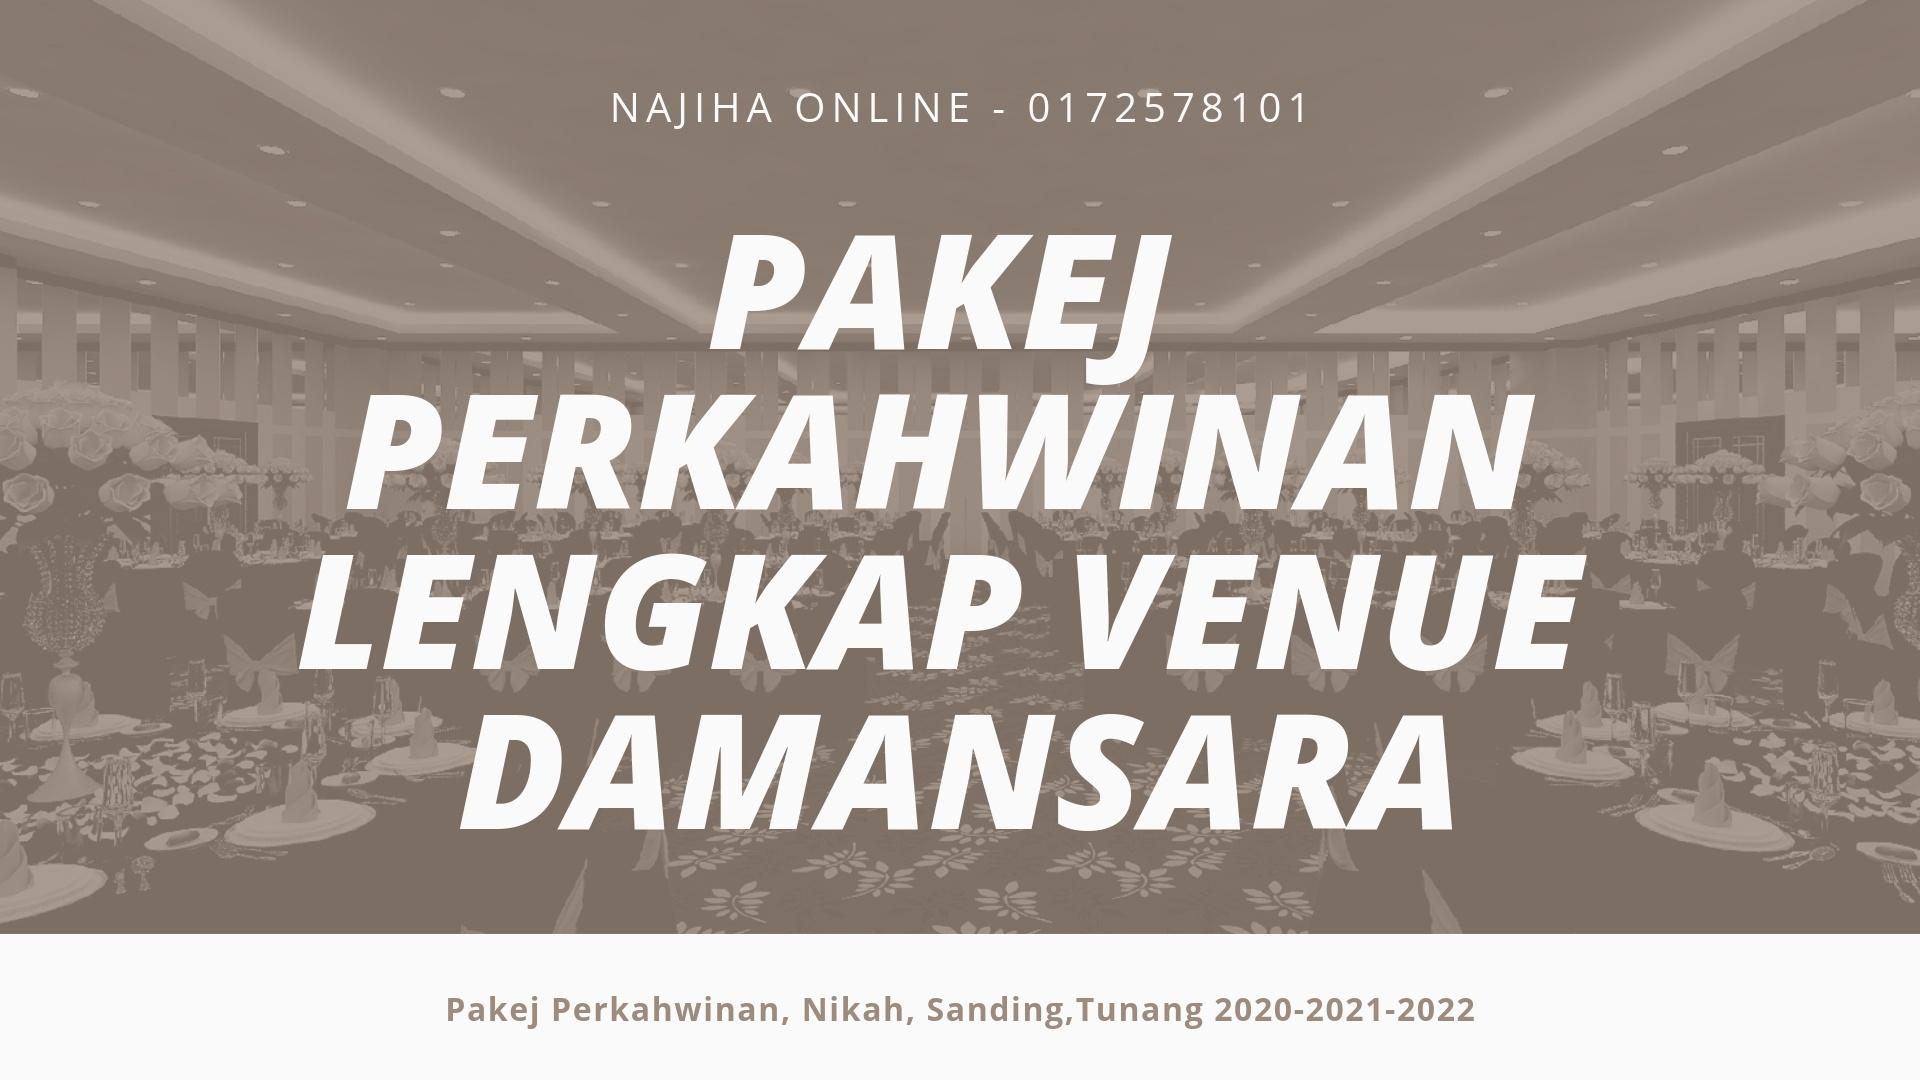 Pakej-Perkahwinan-Lengkap-Venue-Damansara